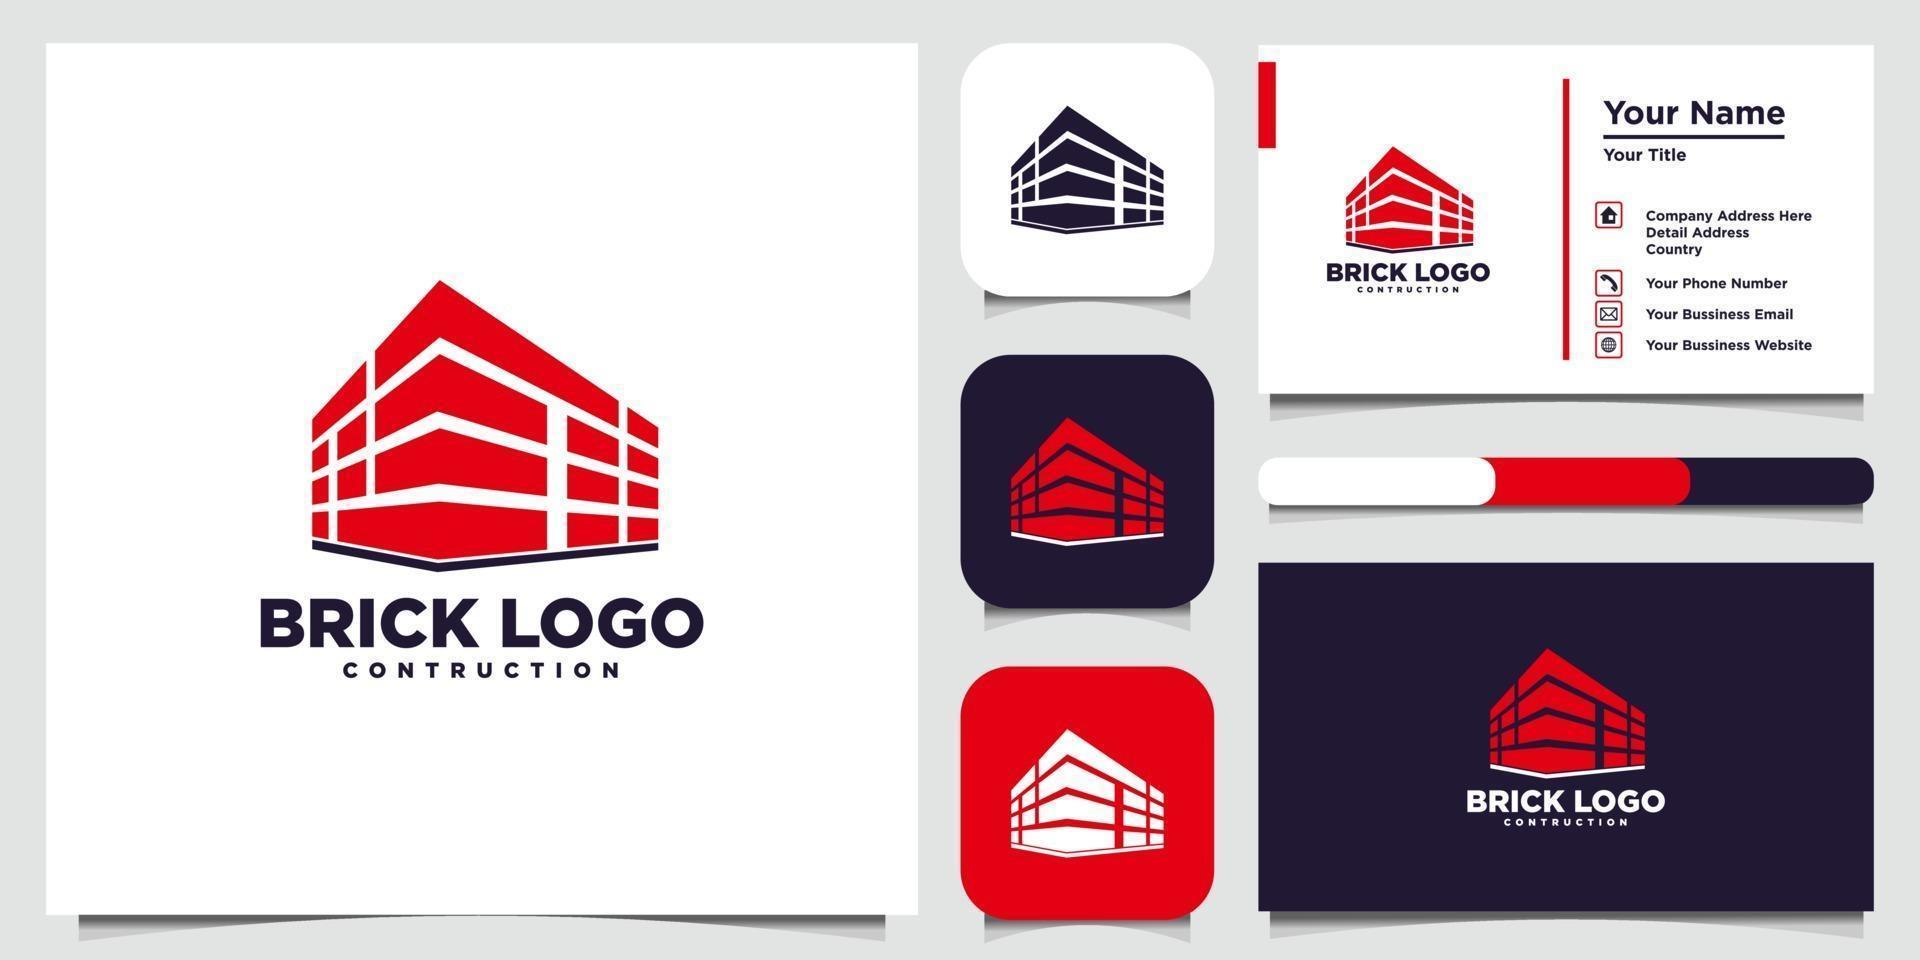 modelli di logo di mattoni e biglietti da visita vettore